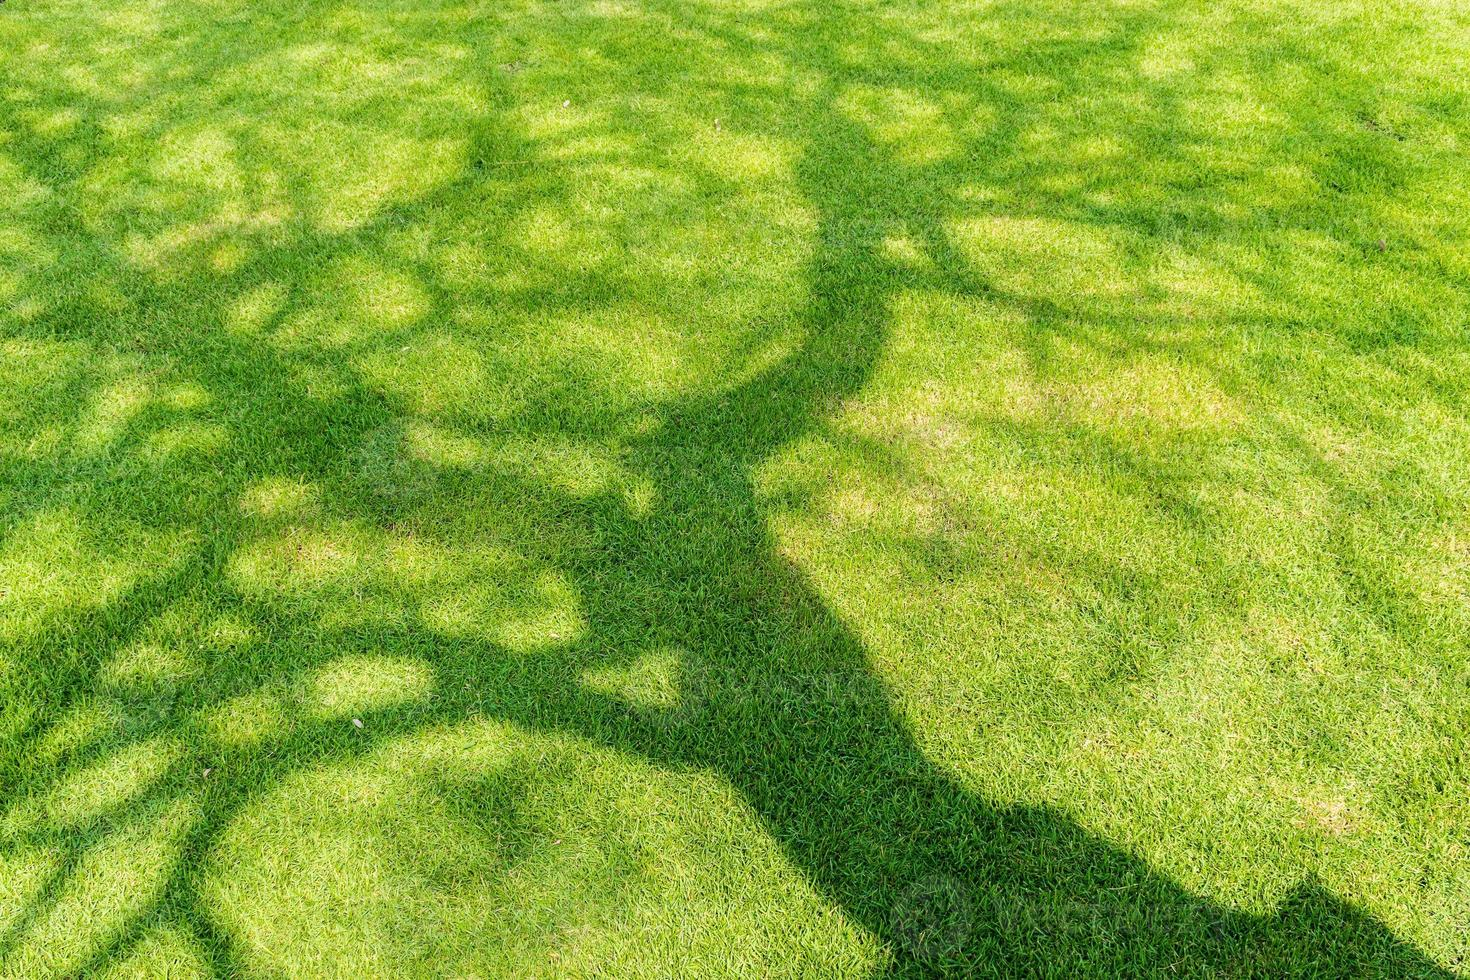 Sombra de árbol sobre hierba verde corta en primavera foto